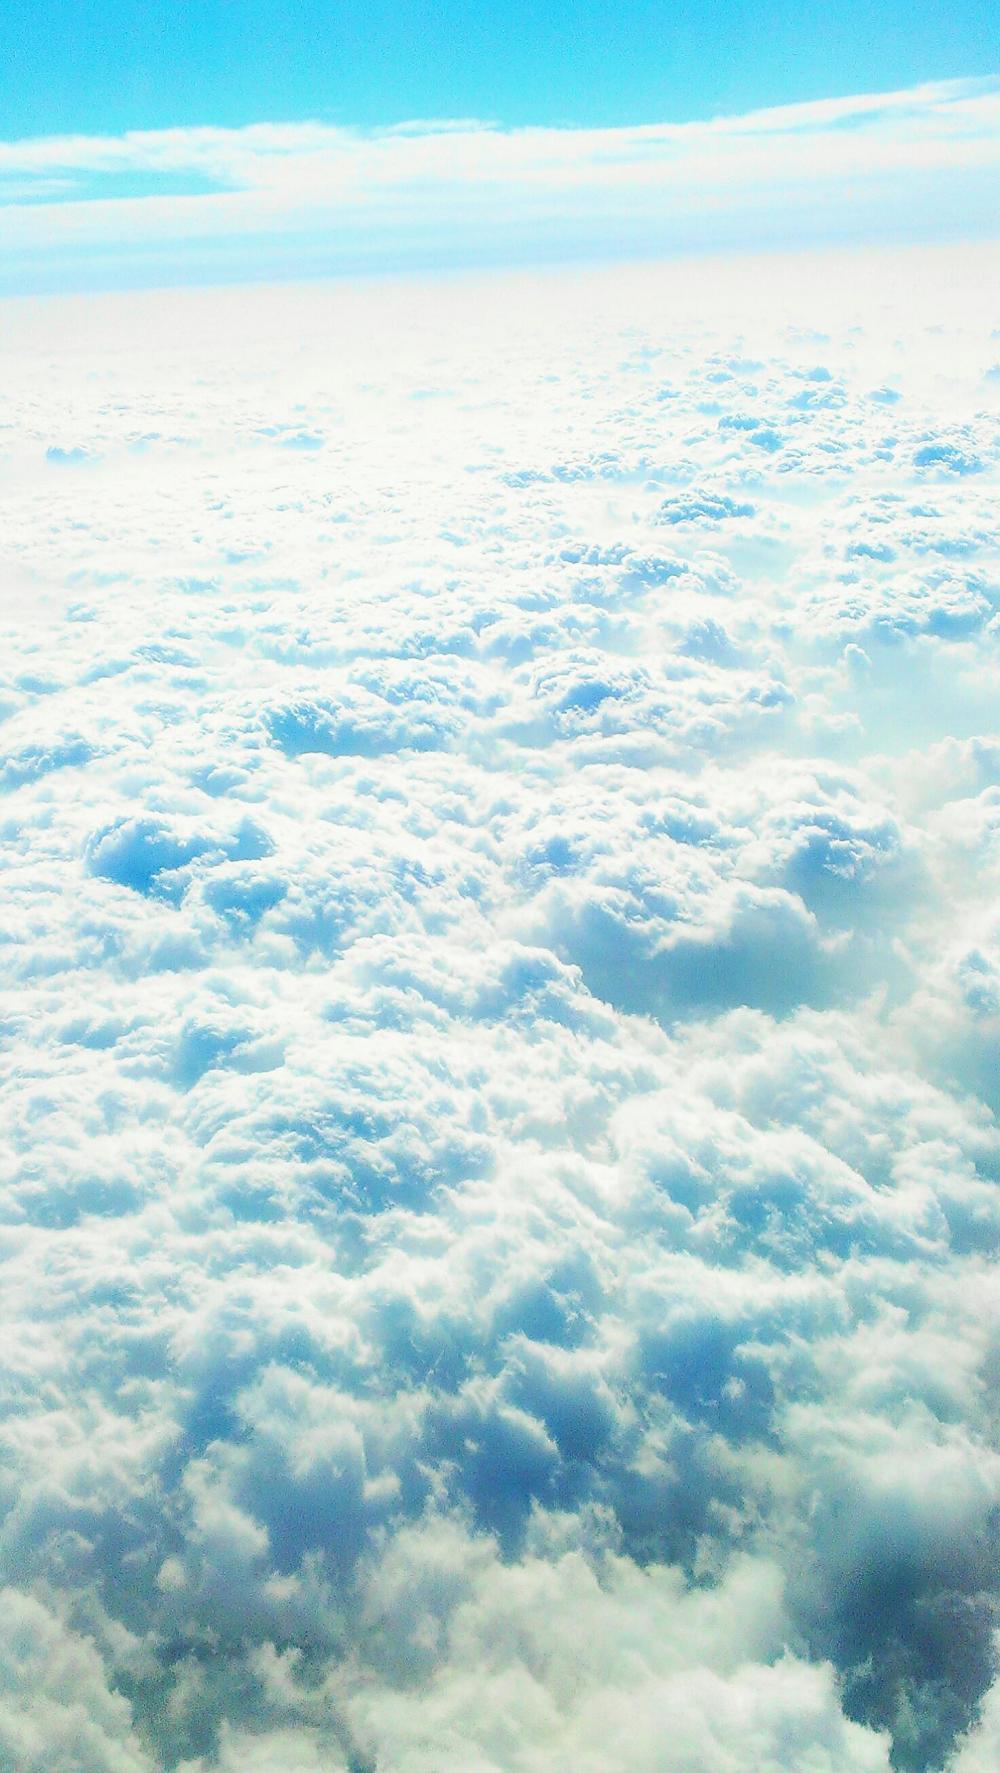 上海帰りの上空2